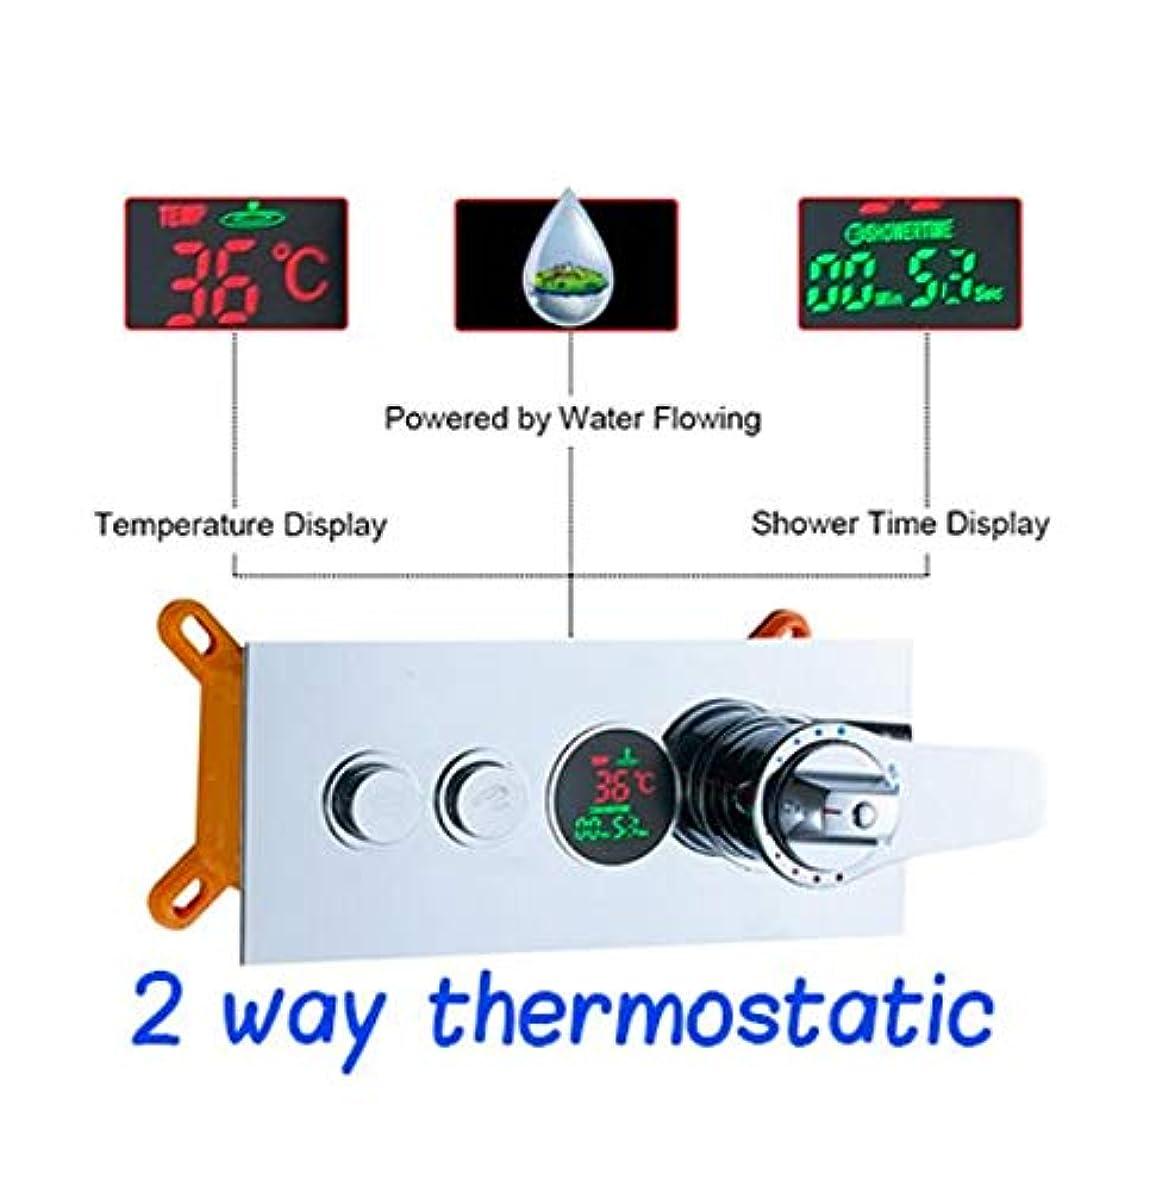 これら誘う相続人温度デジタルディスプレイトリプルサーモスタットカートリッジバルブバスルーム2ウェイcatridgeバルブシャワー蛇口シャワーパネル,2waythermostatics